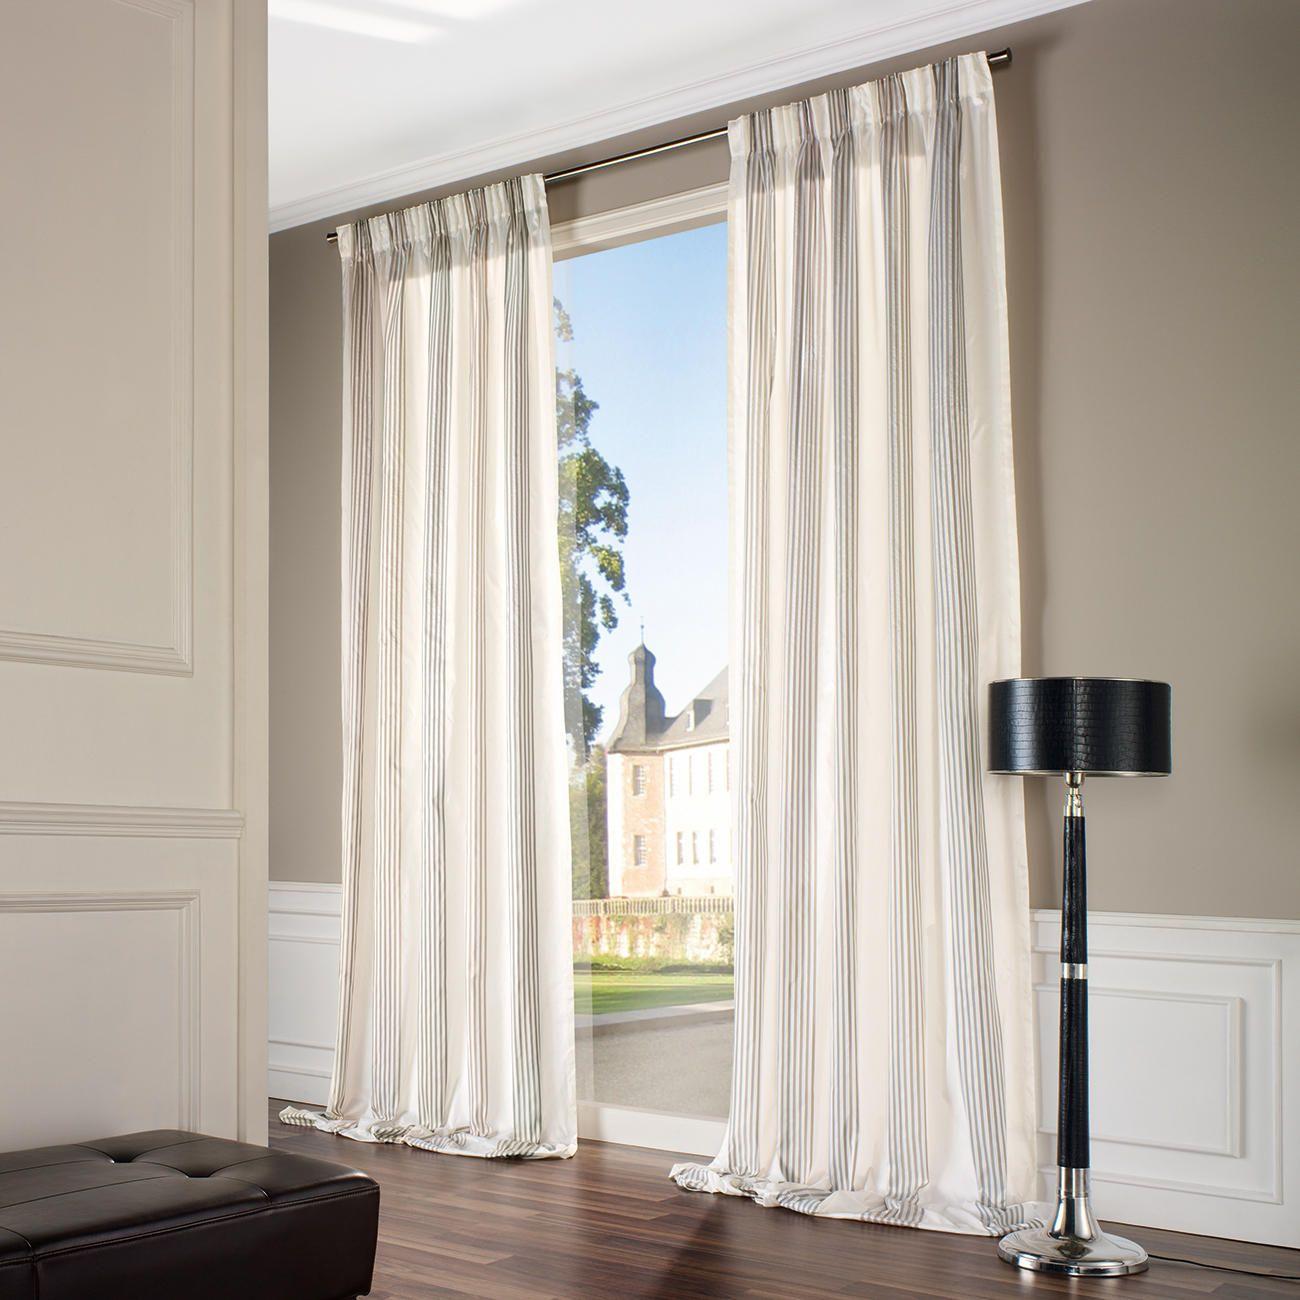 Wohndesign für 3 schlafzimmer gardinen wohnzimmer  meter  wohnzimmer wandgestaltung streichen